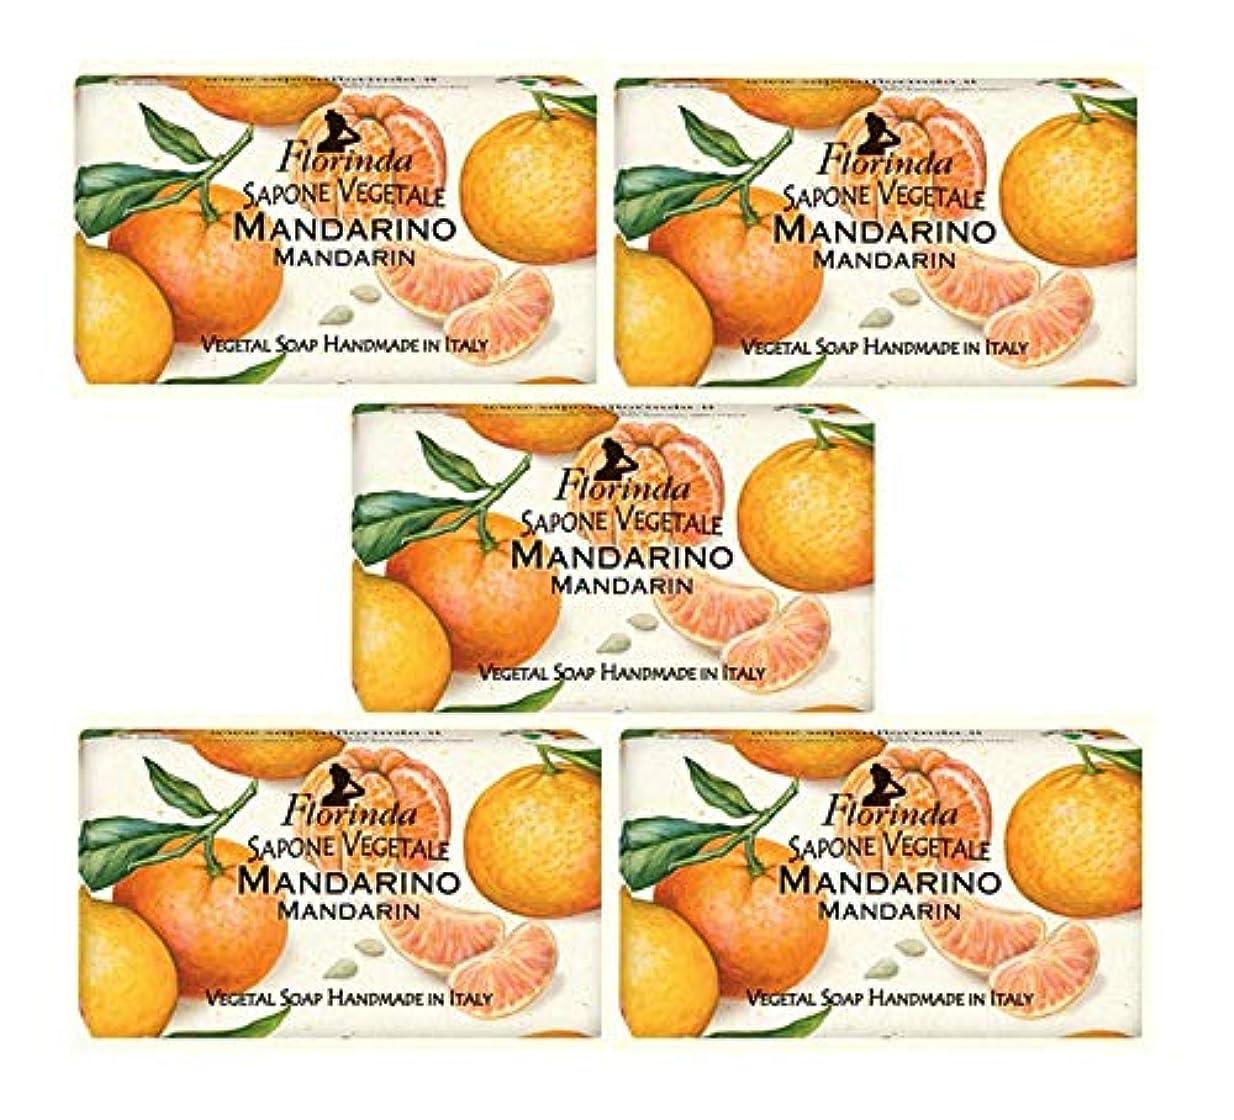 バットコショウ行動フロリンダ フレグランスソープ 固形石けん フルーツの香り マンダリン 95g×5個セット